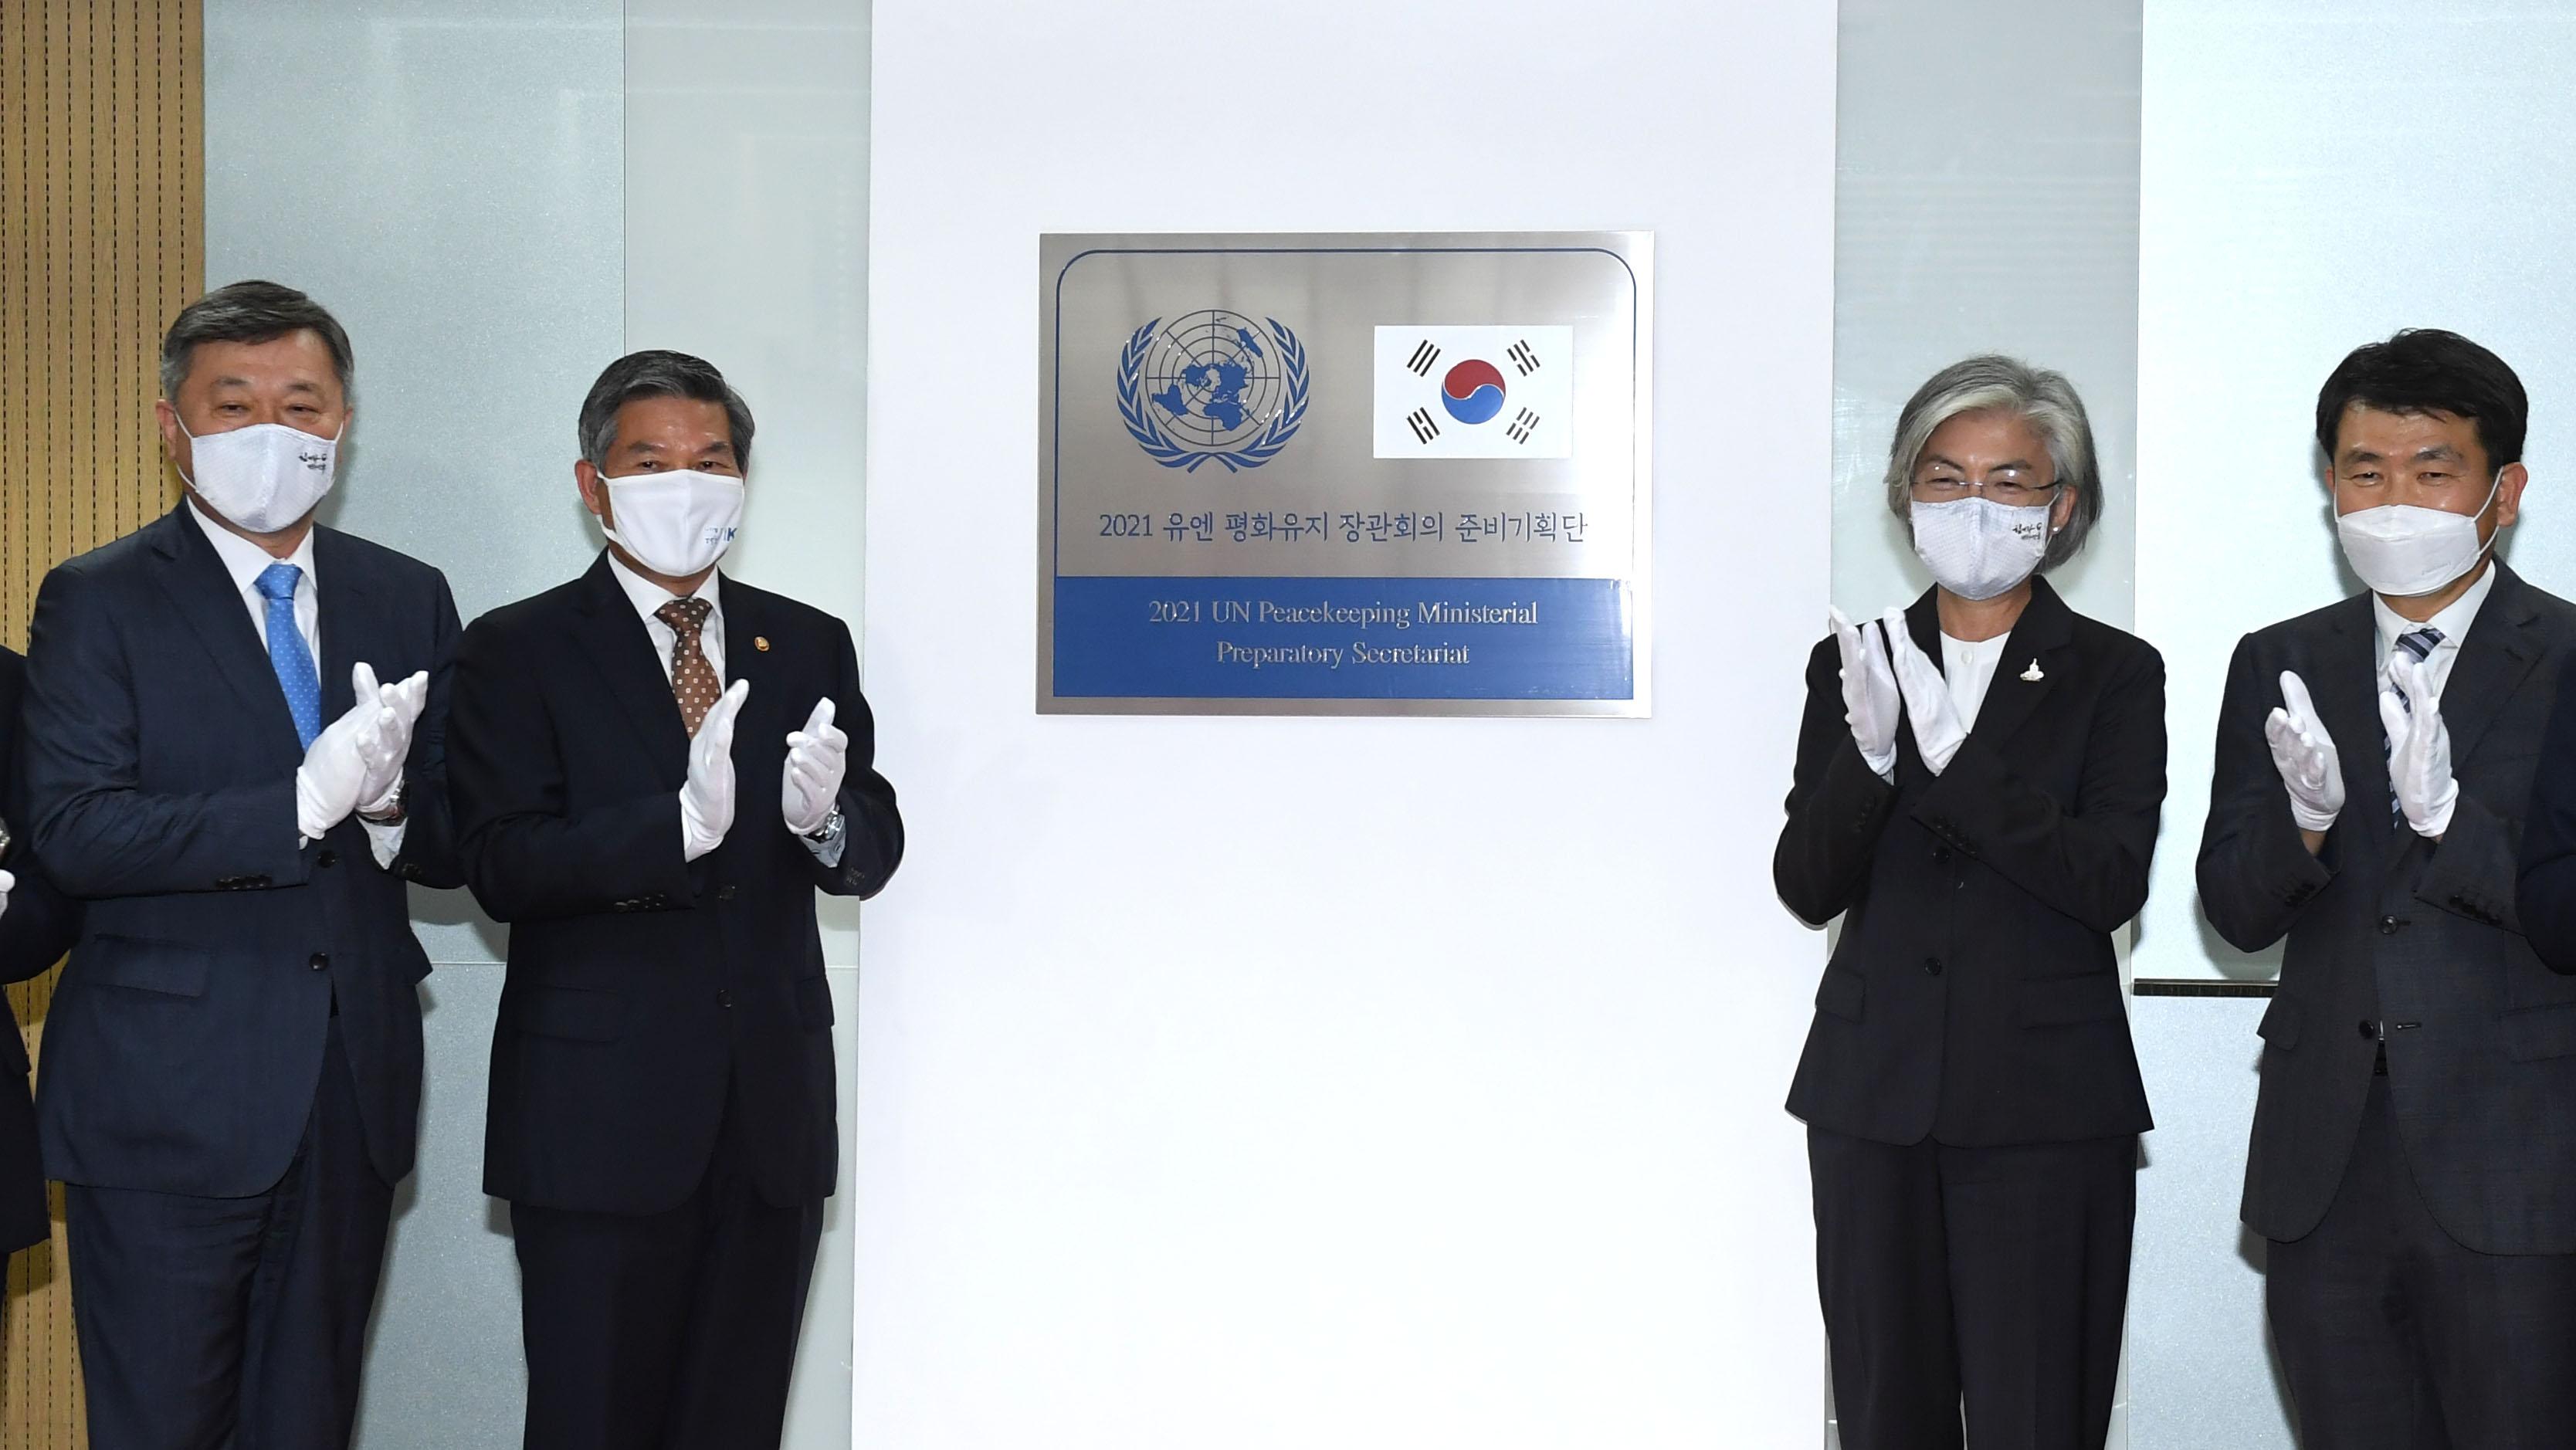 2021년 유엔 평화유지 장관회의 준비기획단 출범식